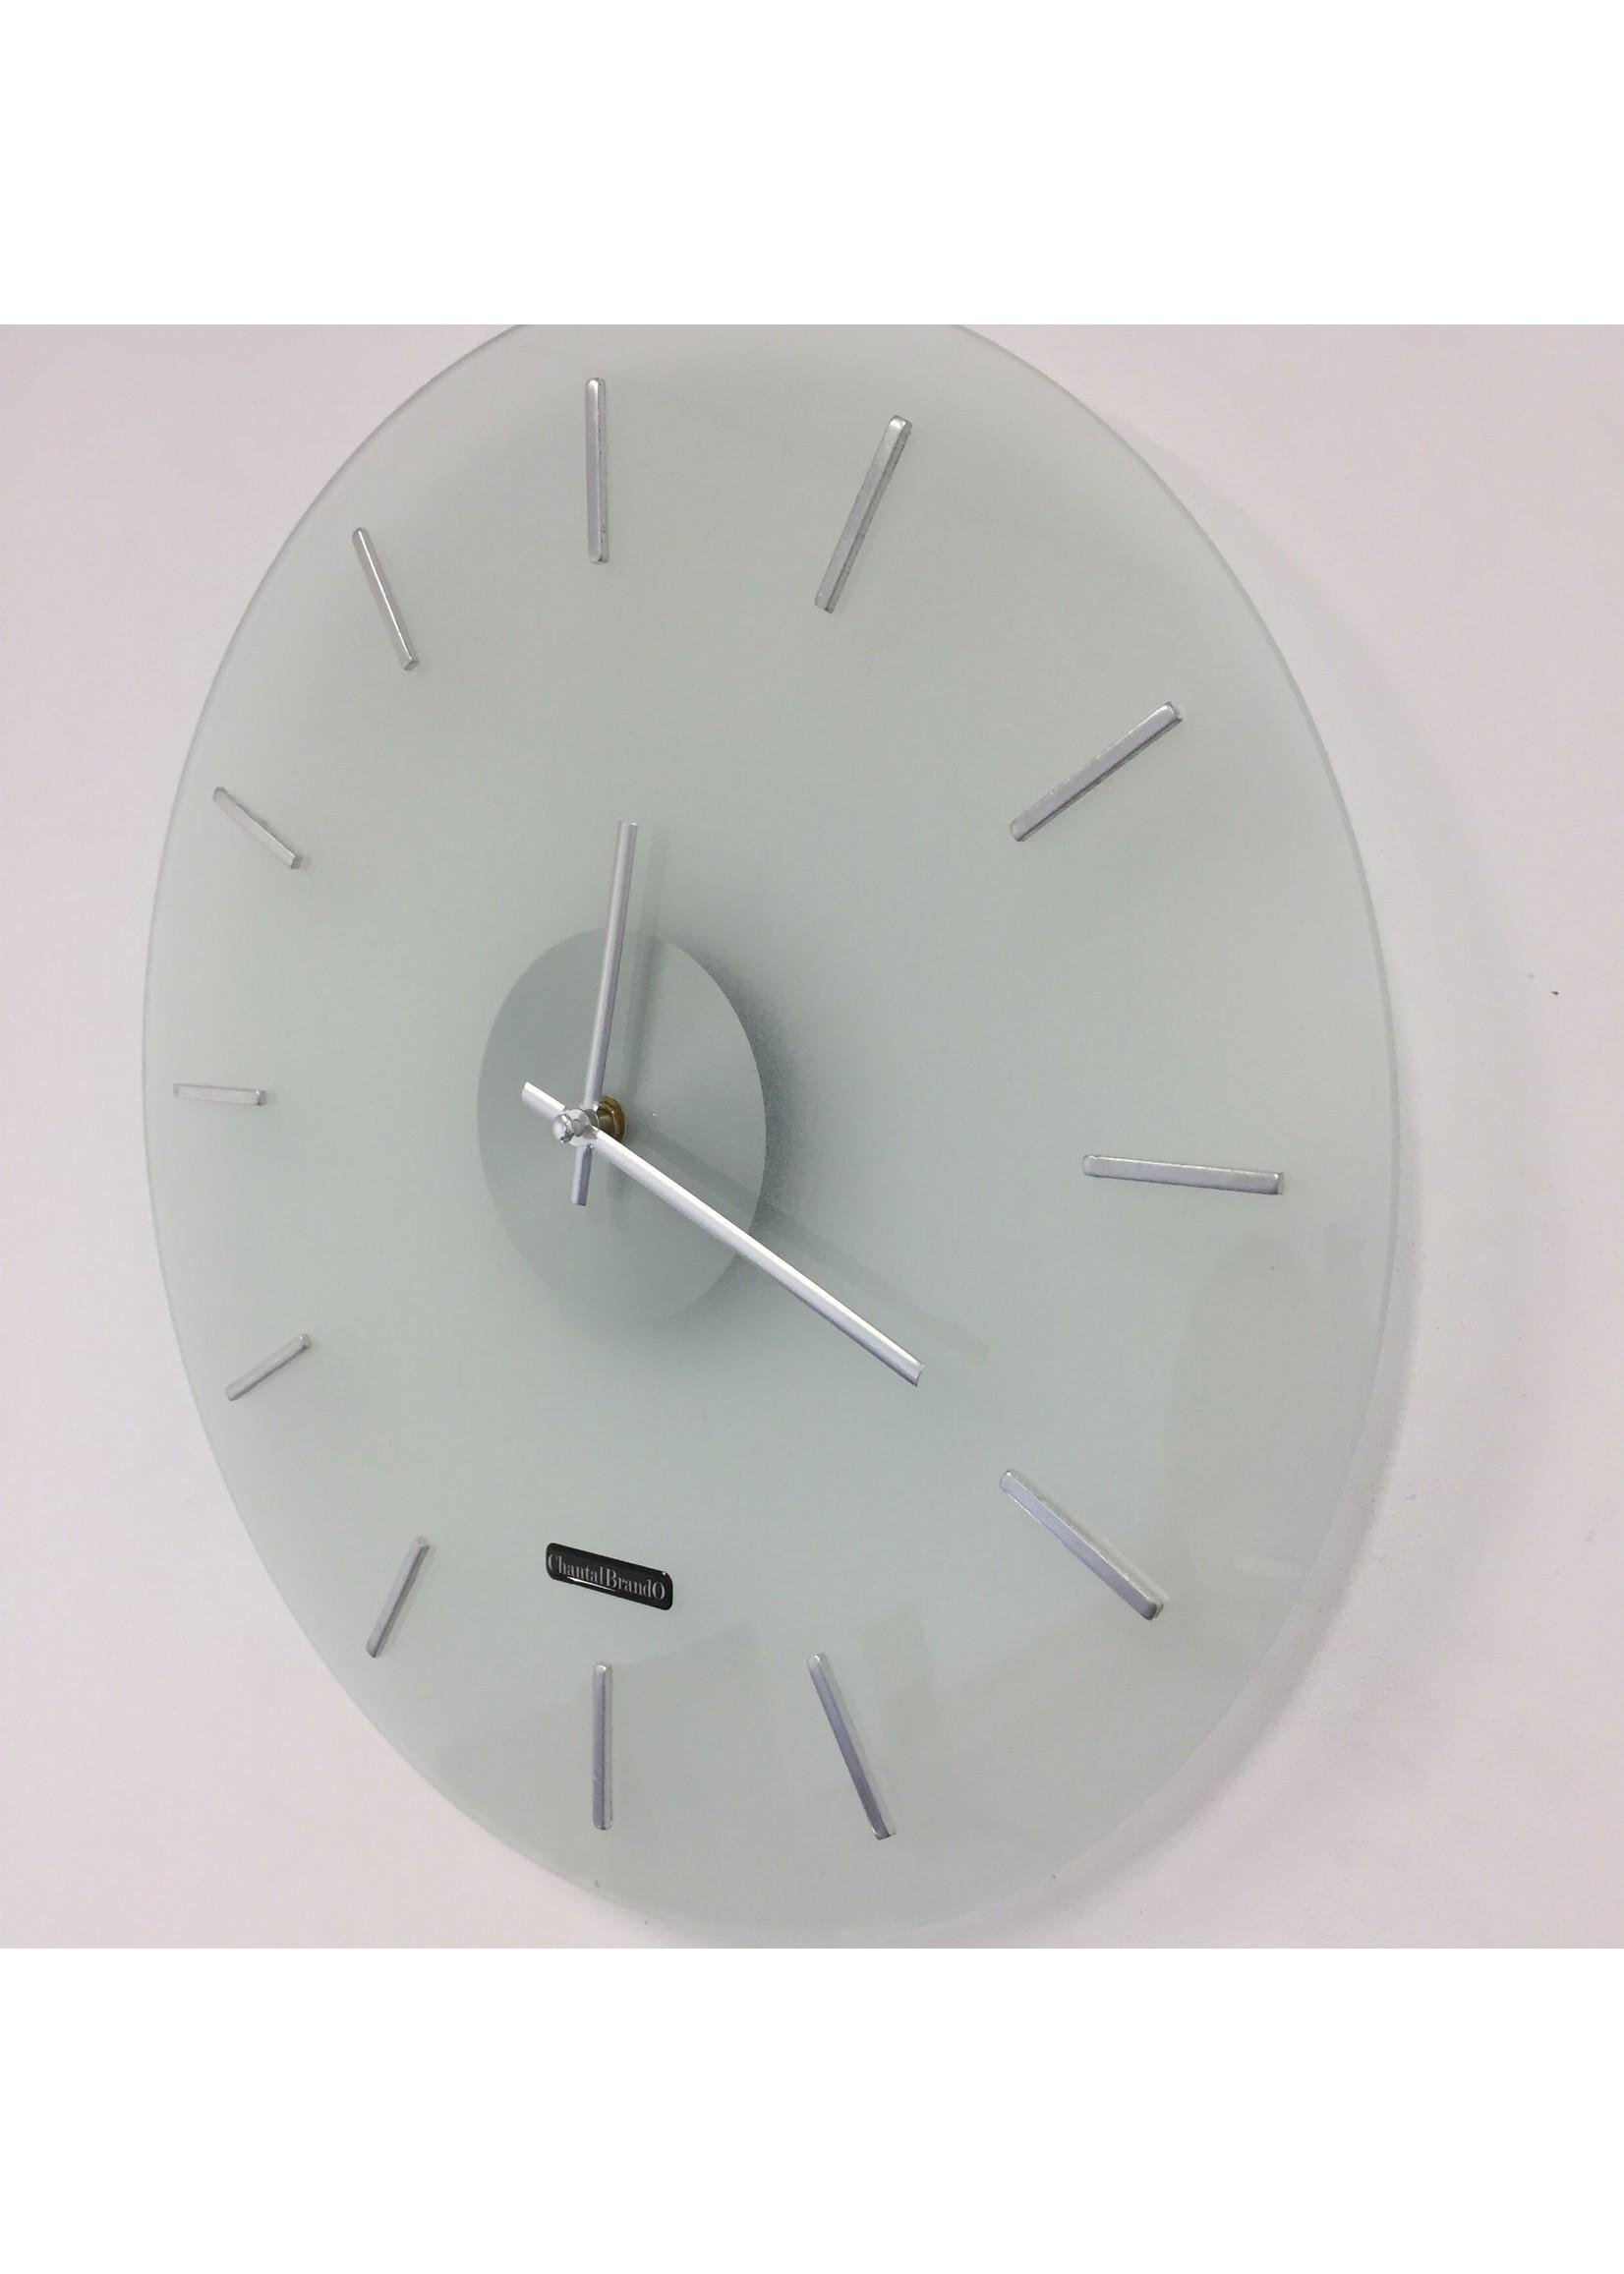 Klokkendiscounter Wandklok POLAR WHITE modern design